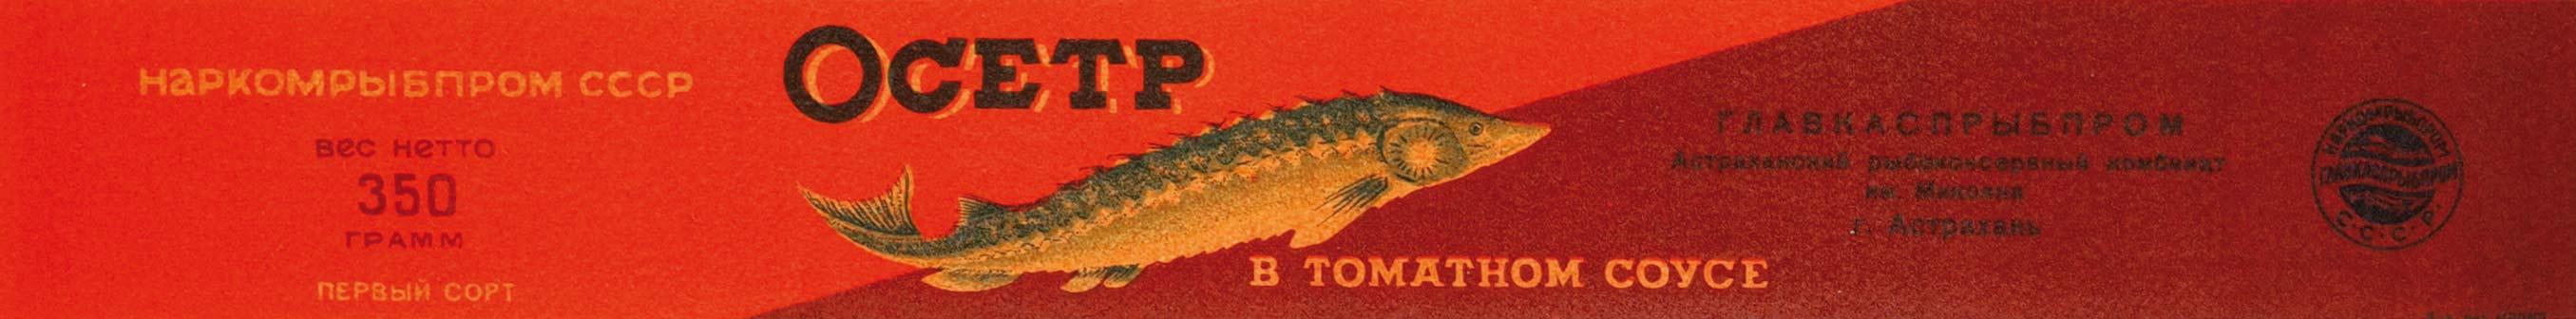 1930-е - 1940-е. Образец дизайна этикетки консервов «Осетр в томатном соусе». Наркомрыбпром СССР. Главкаспрыбпром. Астрахань, Астраханский рыбоконсервный комб-т им. Микояна